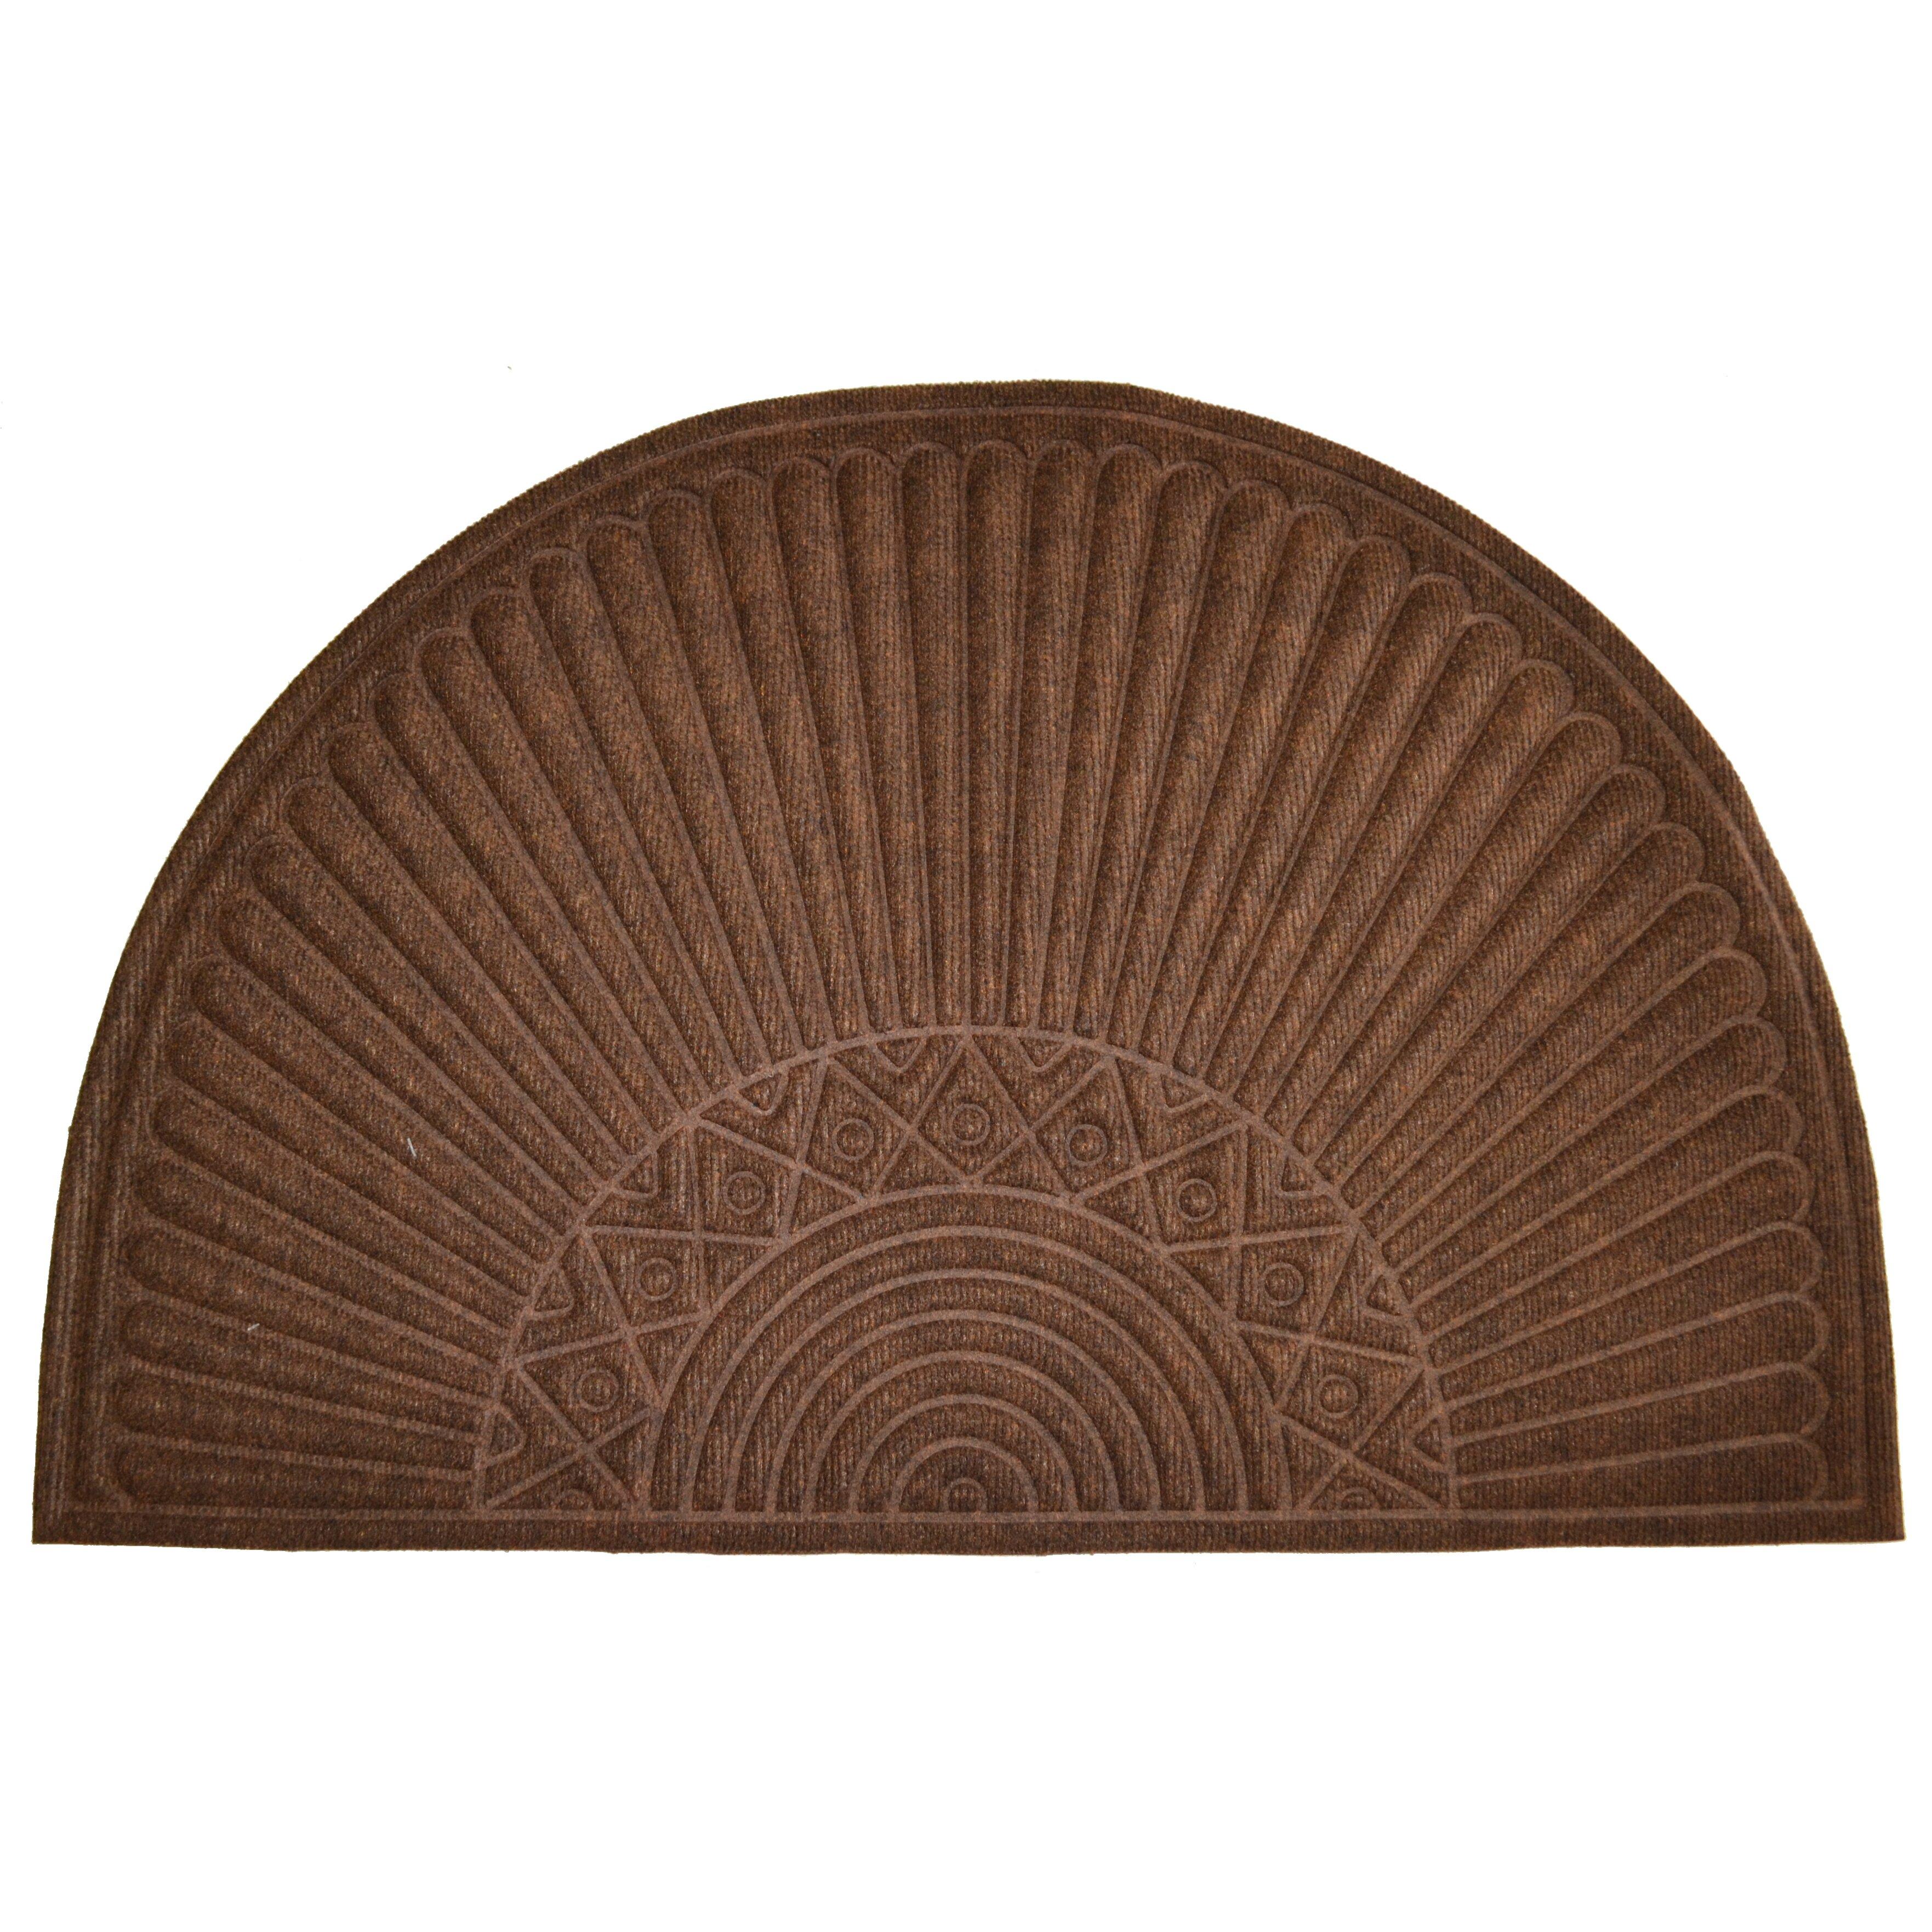 Imports decor doormat reviews wayfair for Decorative door mats indoor